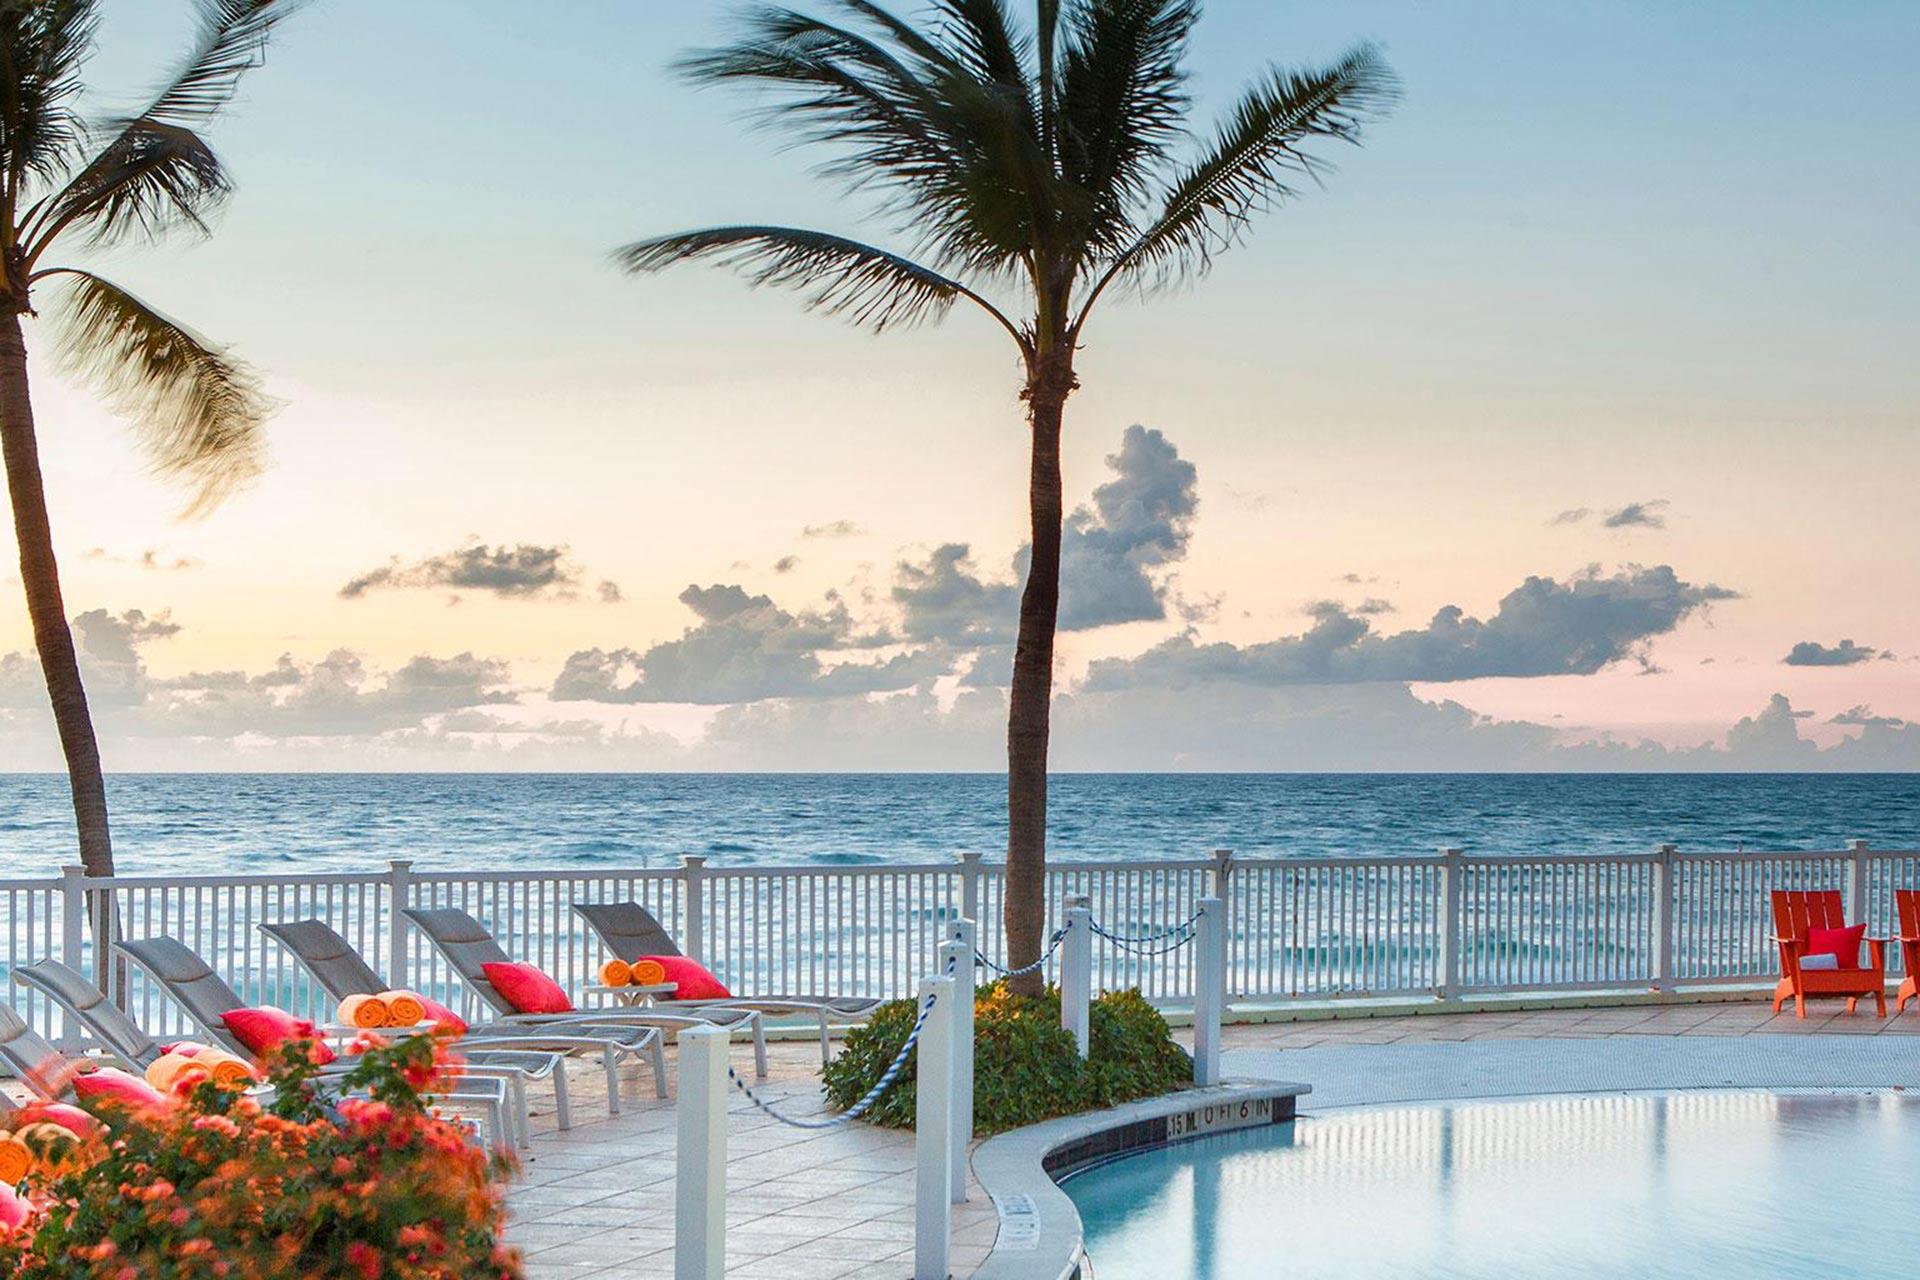 Pelican Grand Beach Resort in Fort Lauderdale, Florida.